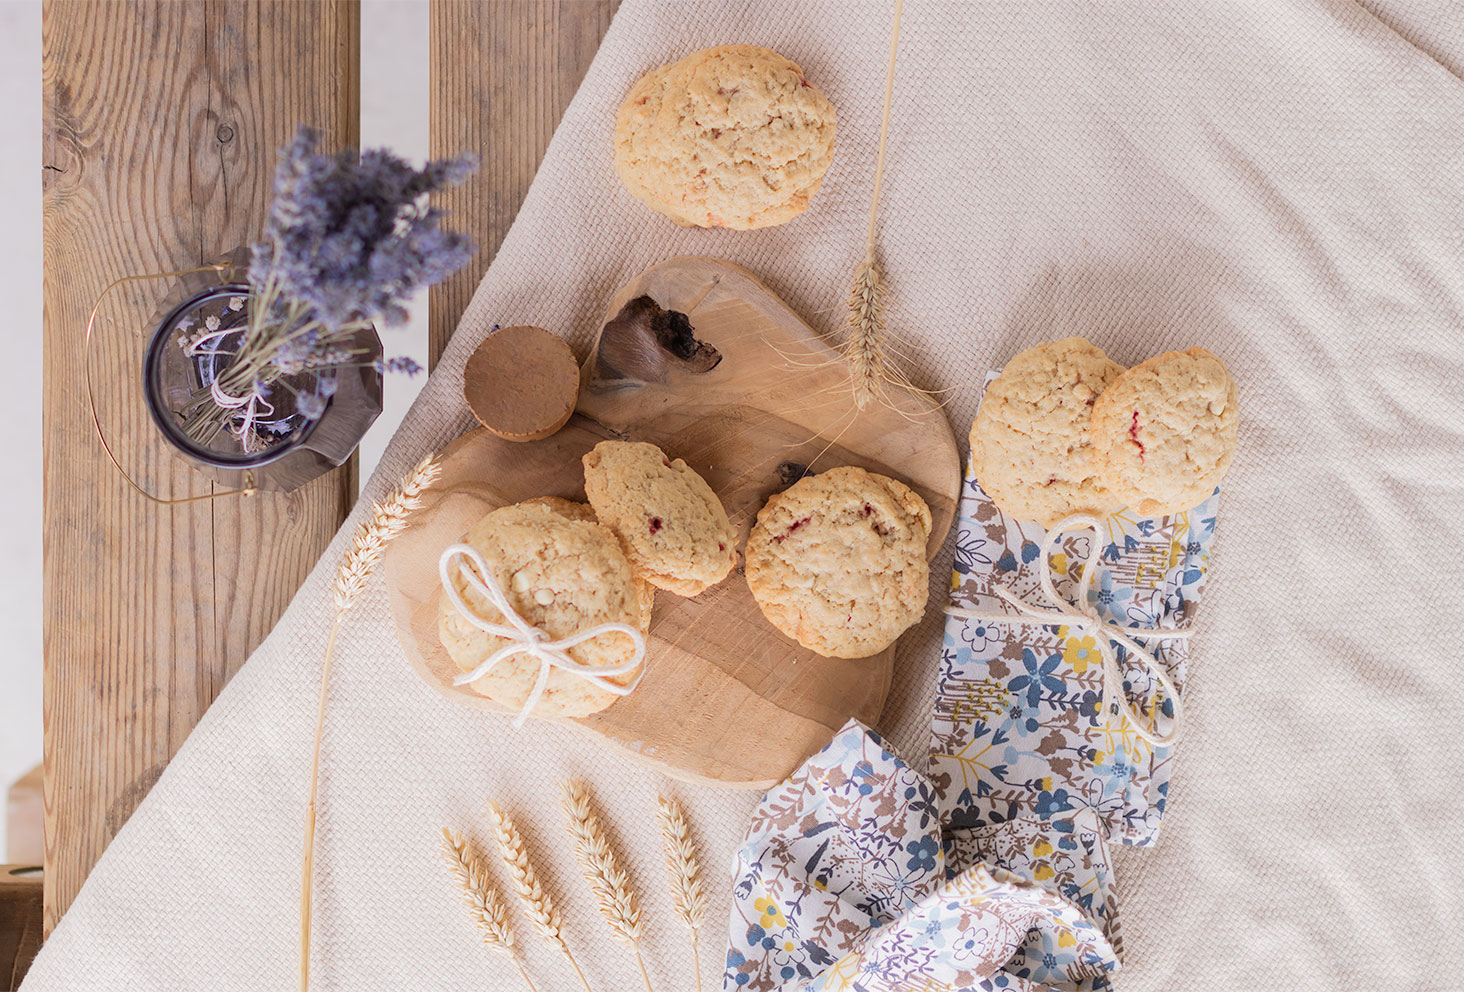 Des cookies fourrés à la fraise et à la purée d'oléagineux vu de haut sur une planche en bois et une table en bois